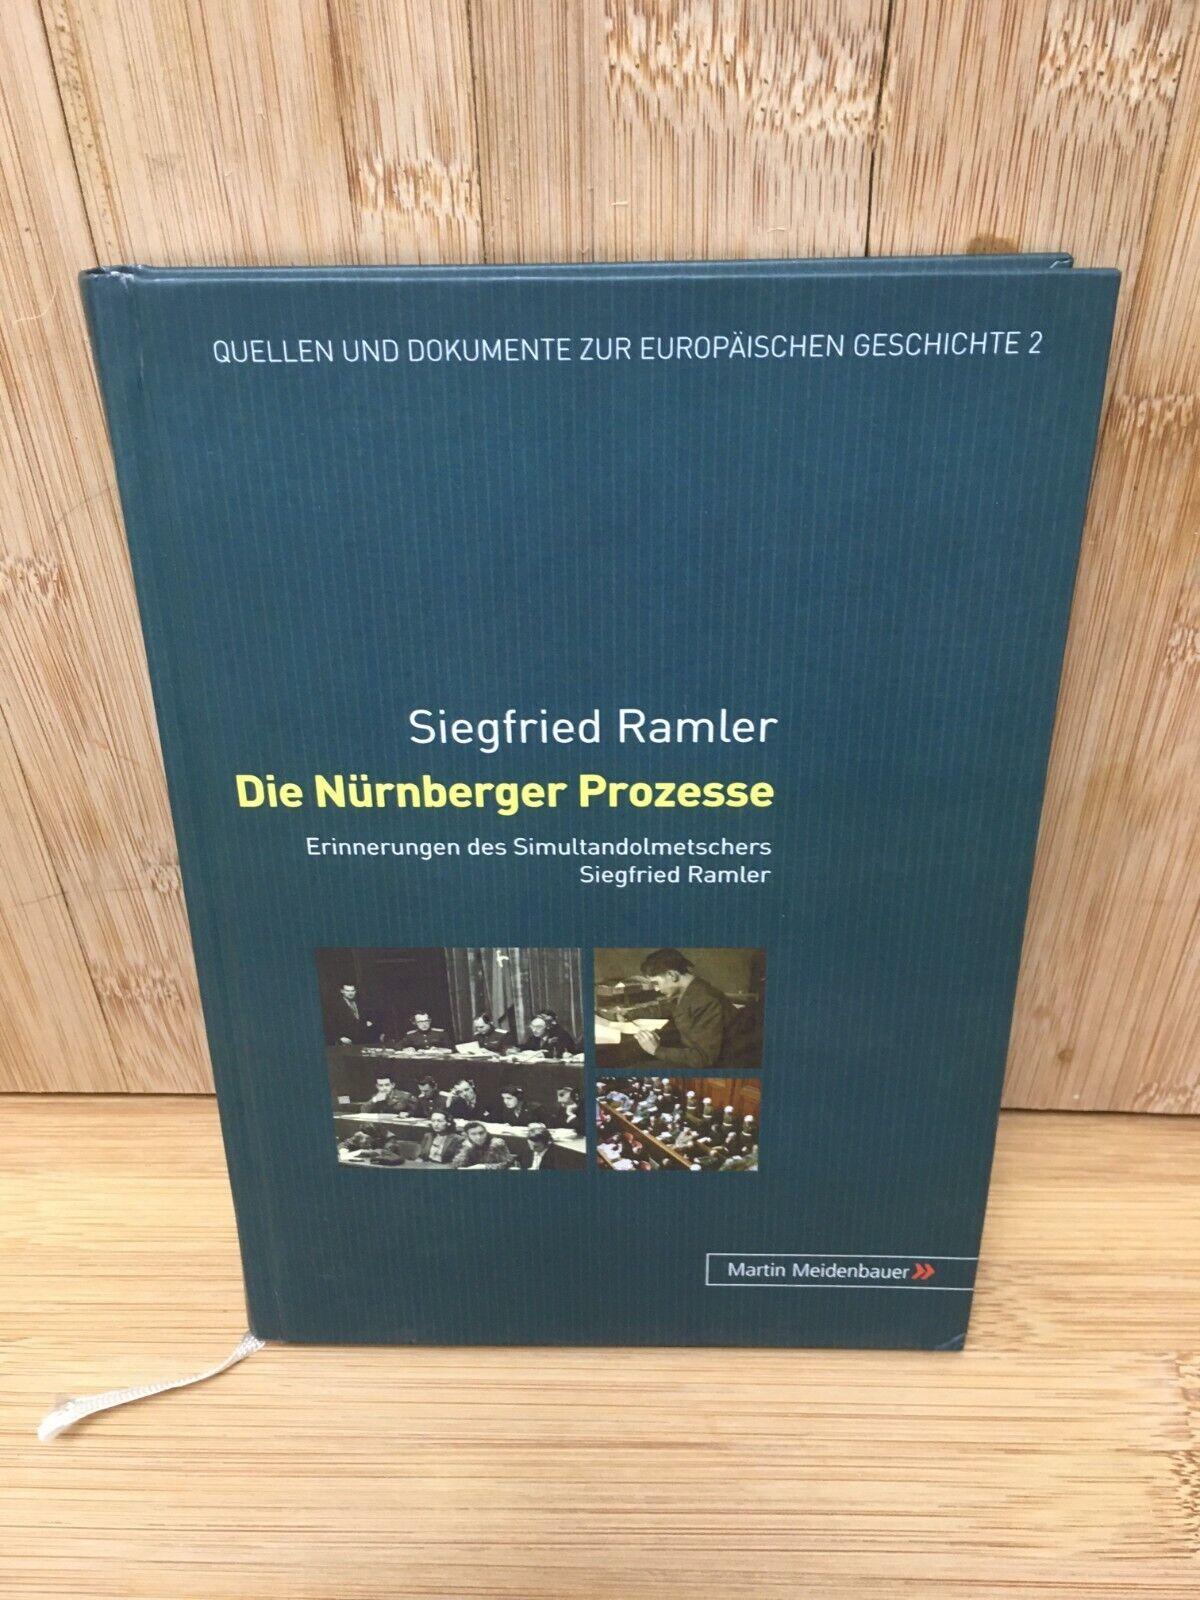 Die Nürnberger Prozesse - Erinnerungen des Simultandolmetschers S. Ramler